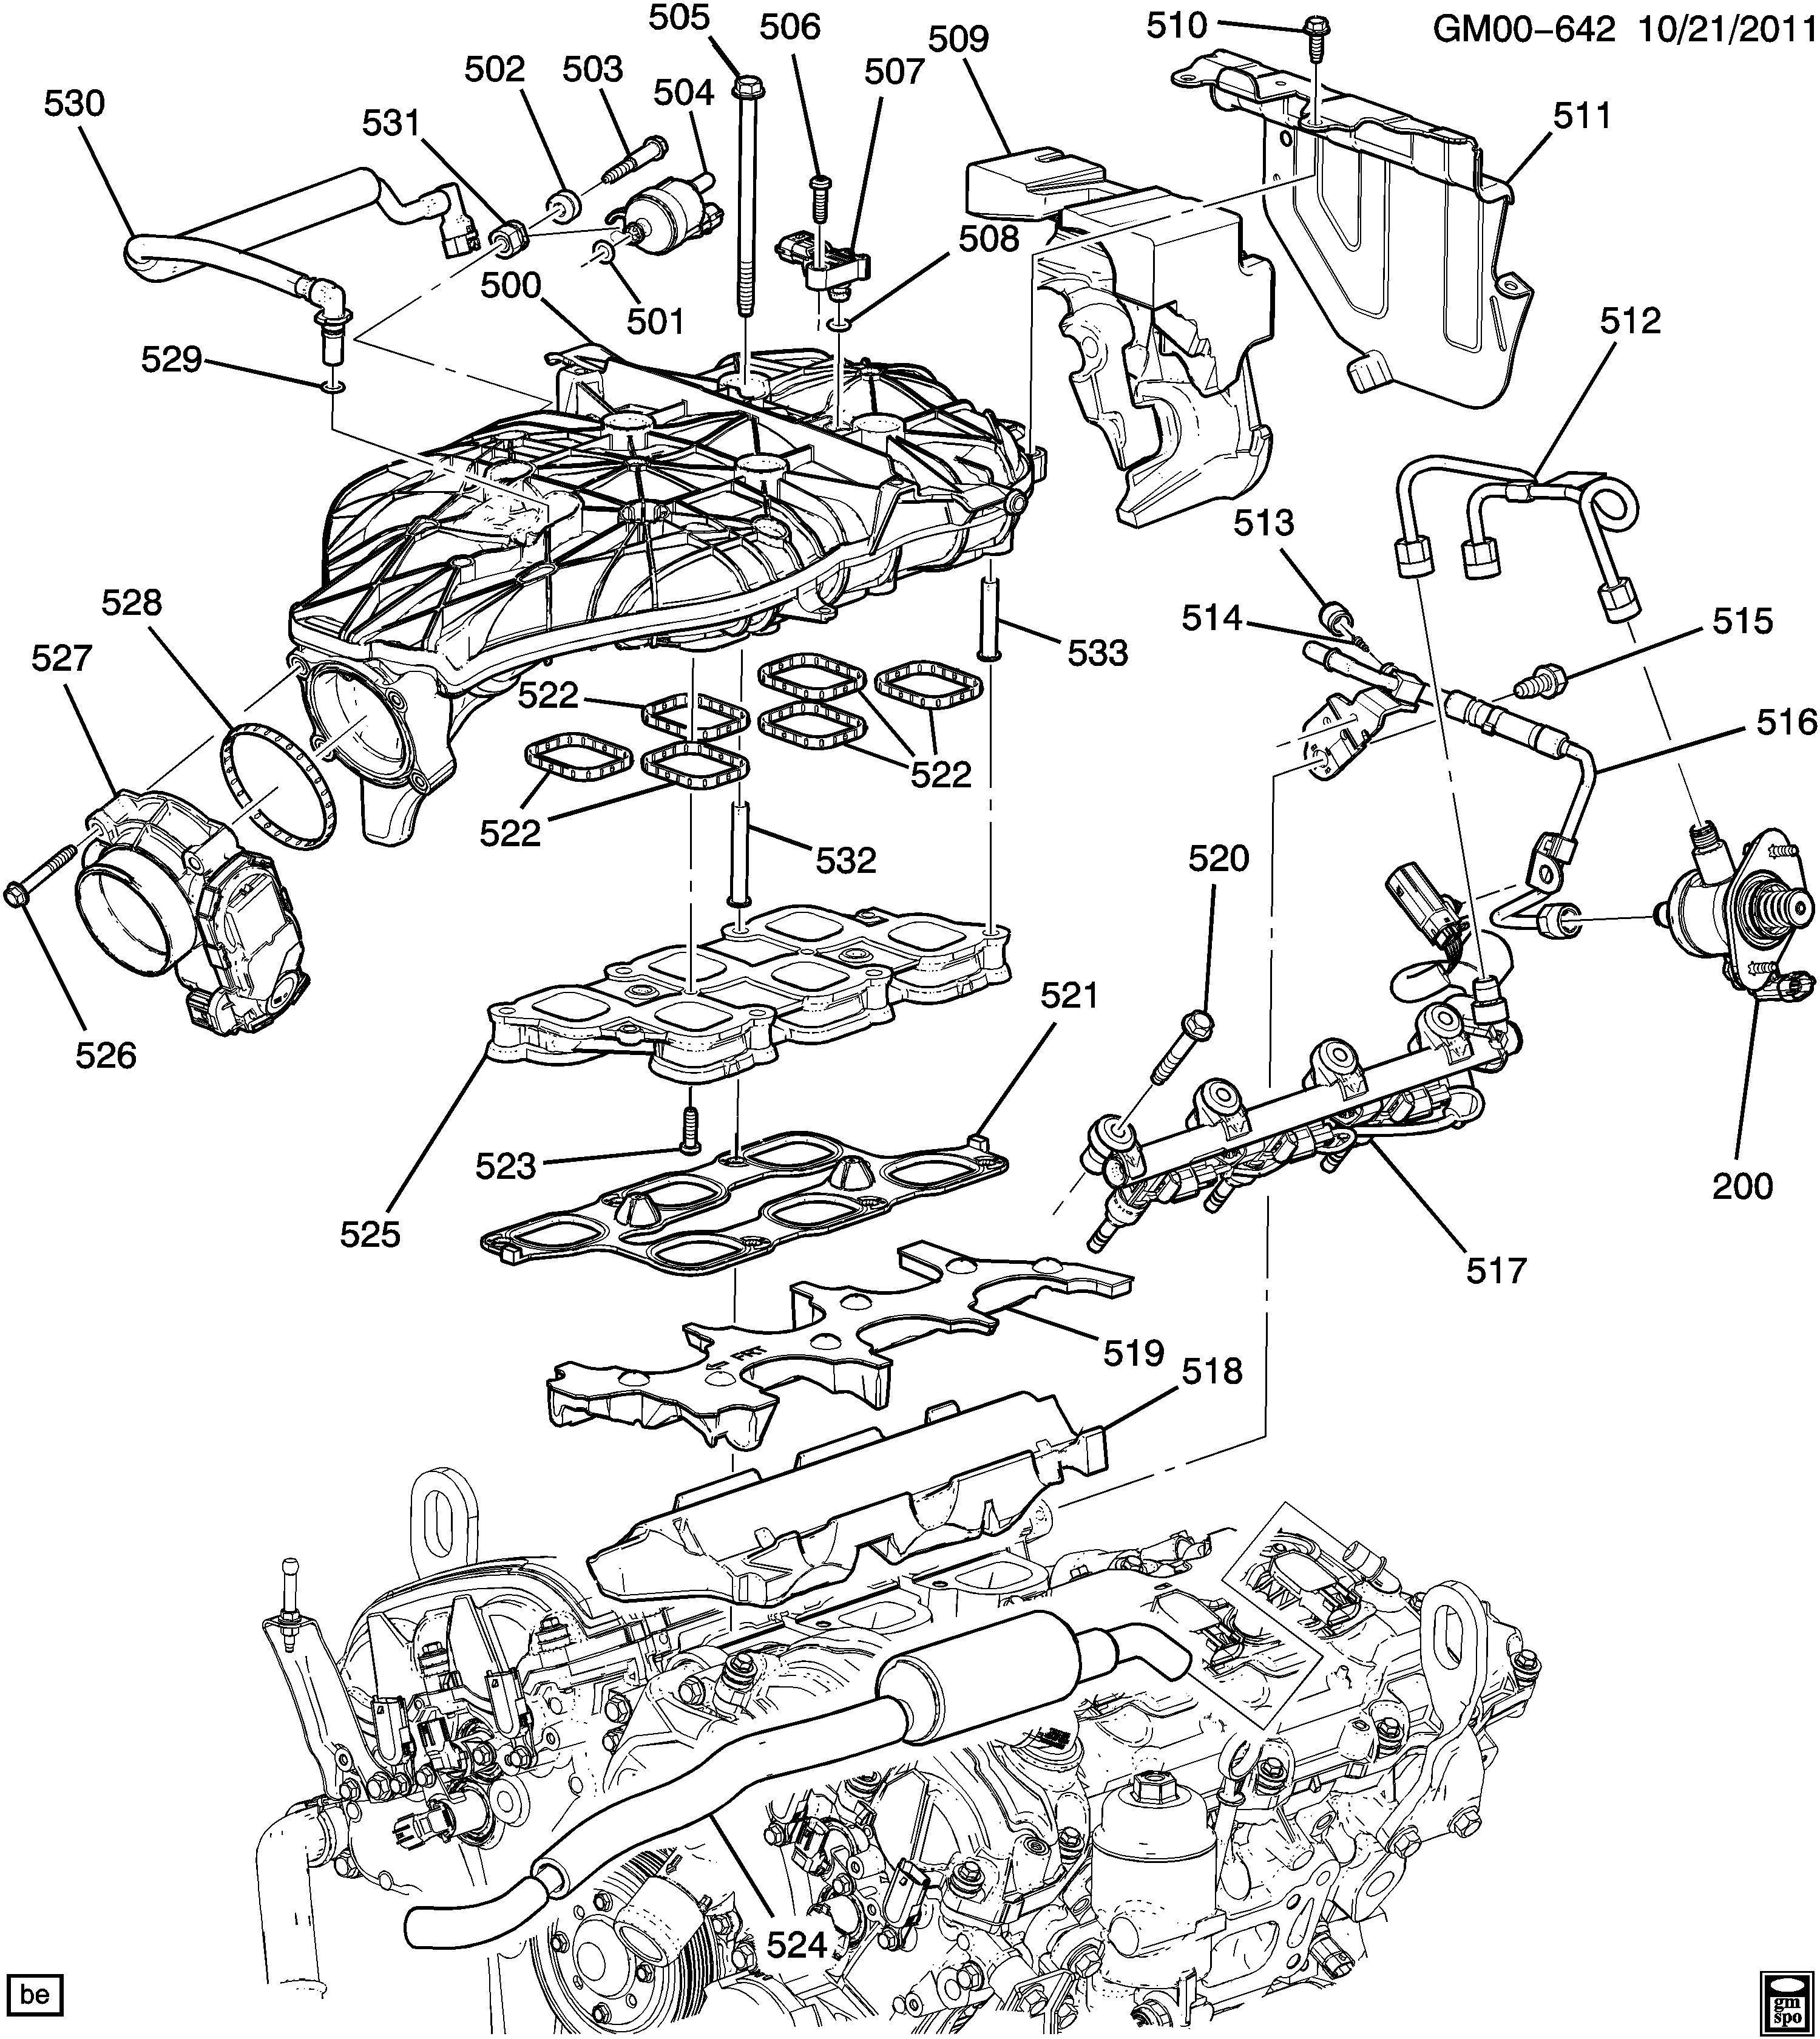 Mazda 3 Engine Diagram Diagram] Mazda 3 0 V6 Engine Diagram Cylinder 6 Full Version Of Mazda 3 Engine Diagram